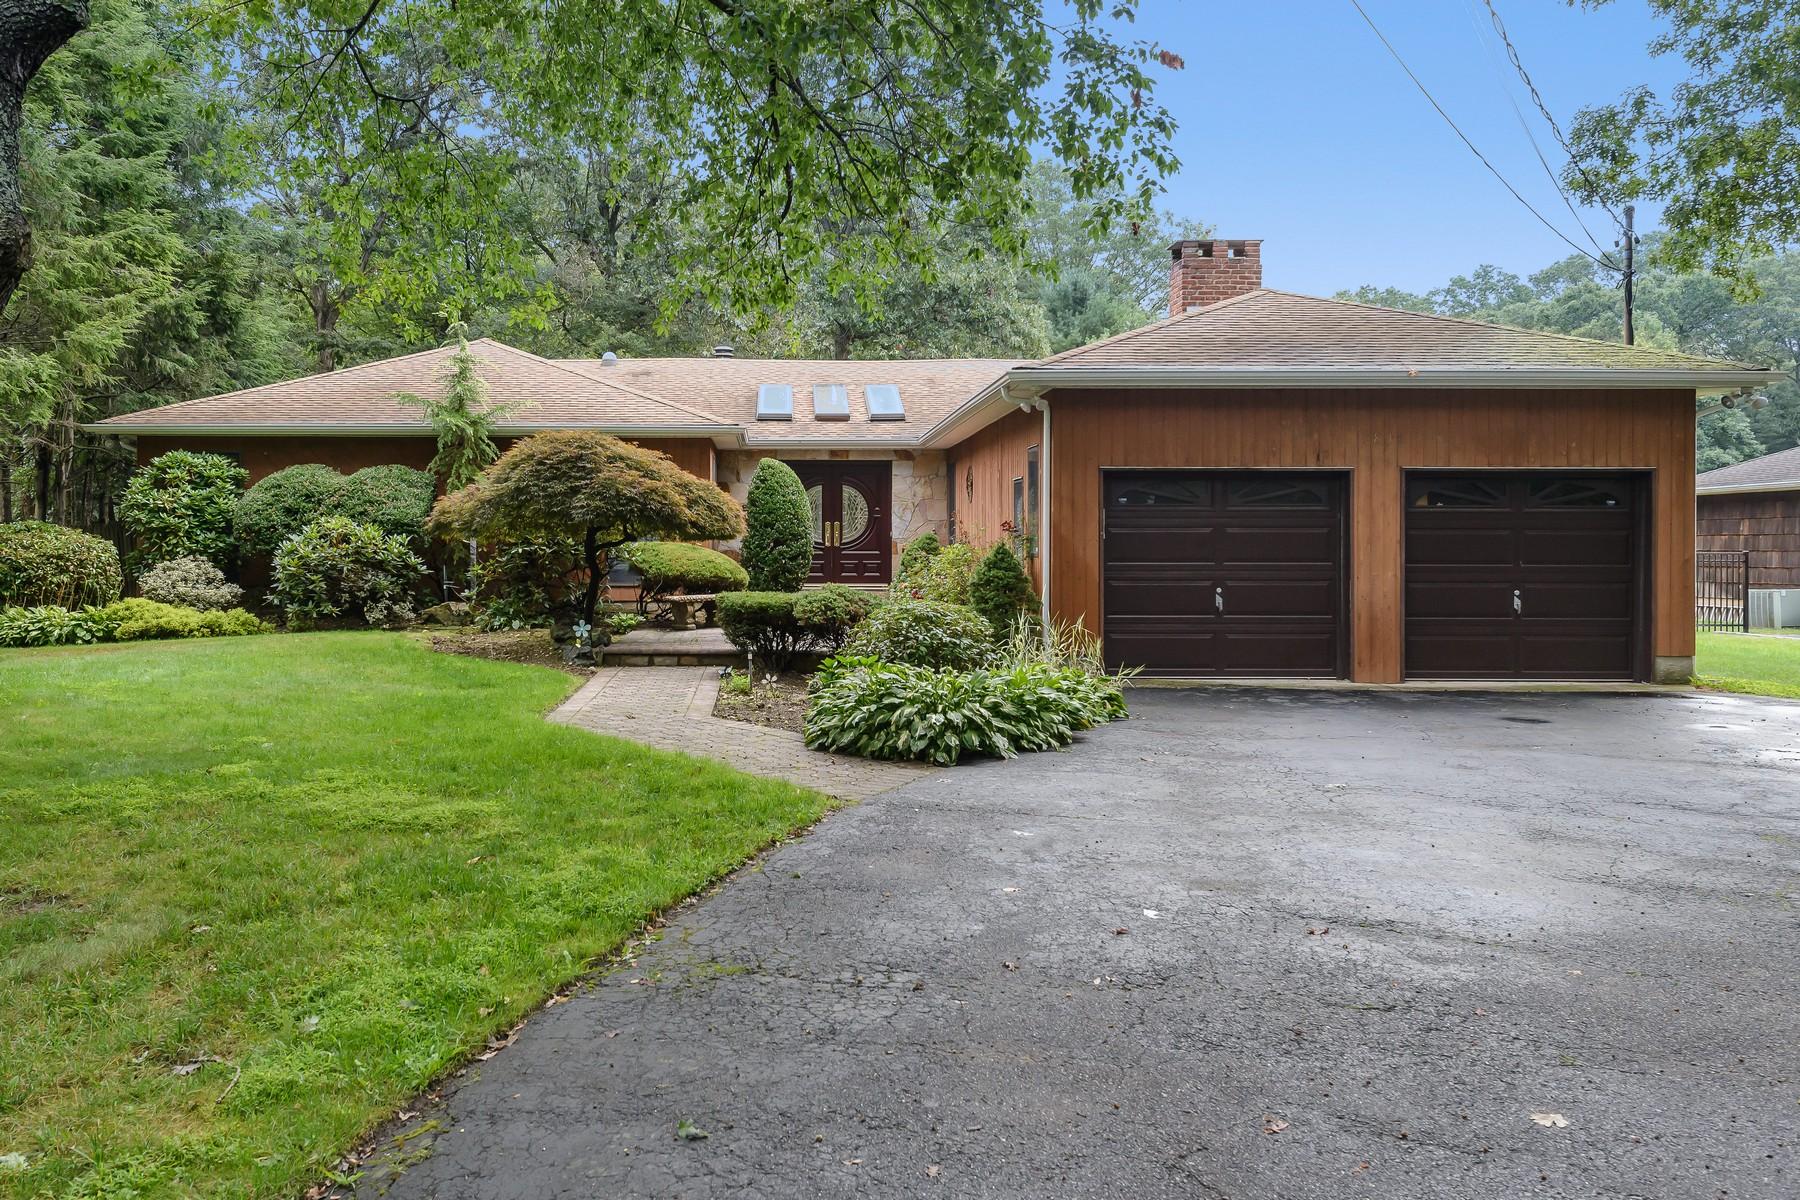 Частный односемейный дом для того Продажа на 181 Candlewood , Dix Hills, NY 11746 Dix Hills, Нью-Йорк, 11746 Соединенные Штаты